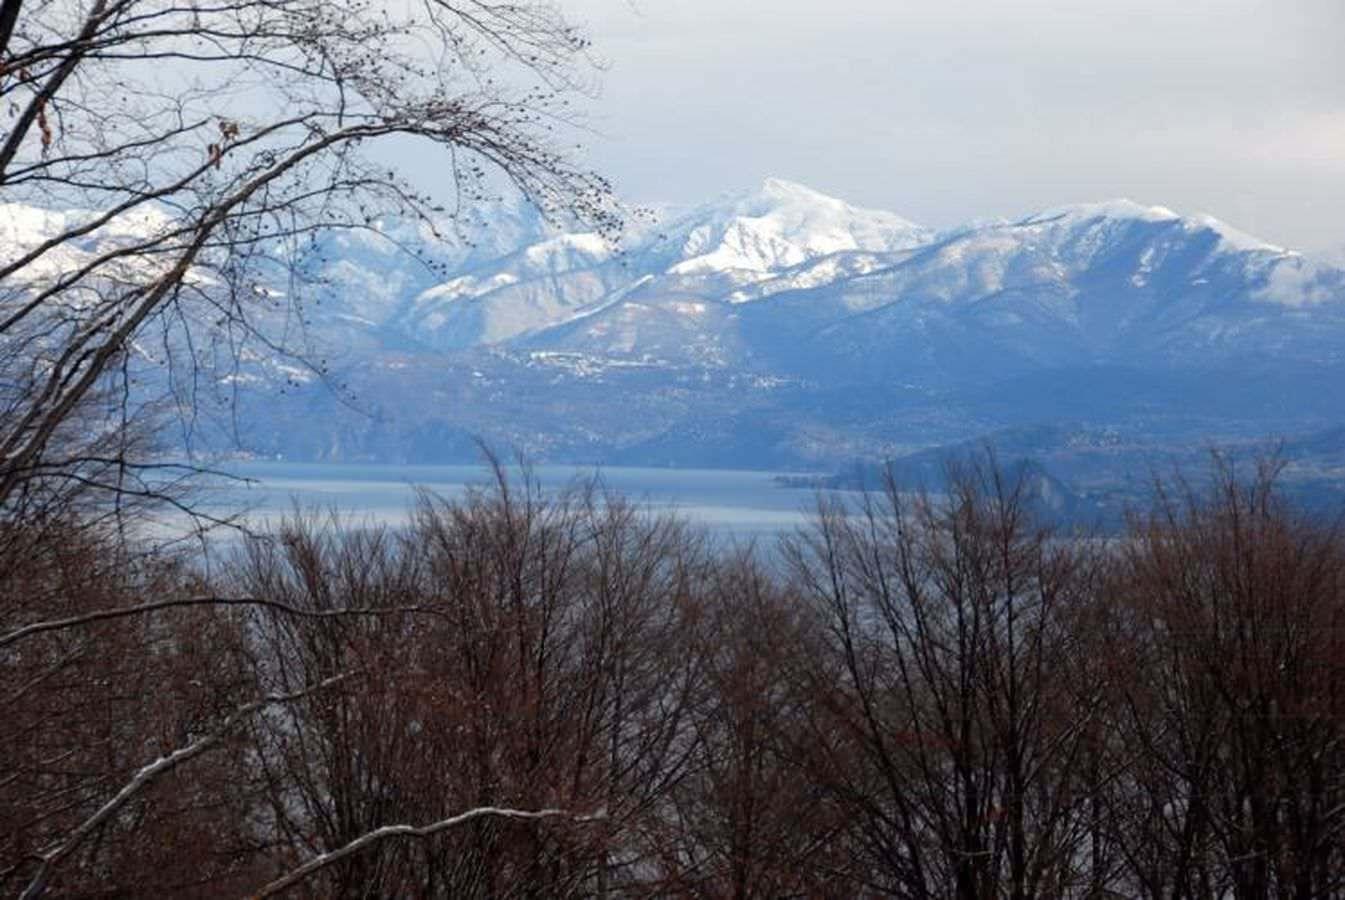 Attico con scorci di Lago Maggiore